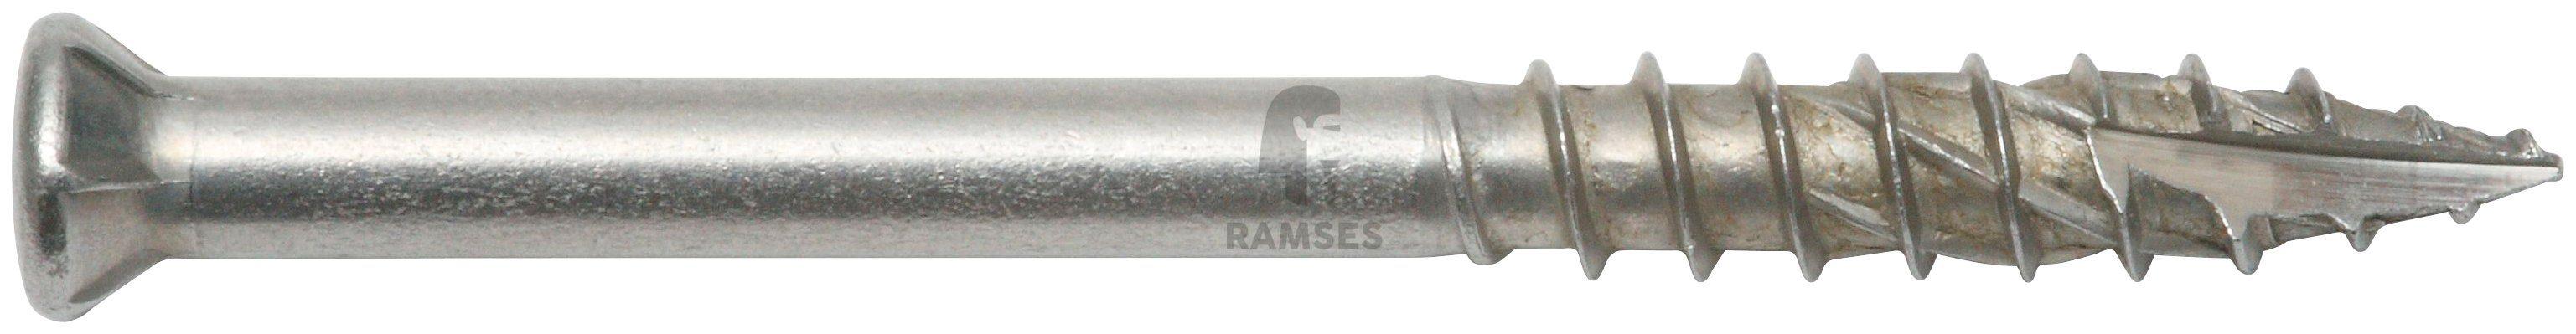 RAMSES Schrauben , Terrassenschraube 5,5 x 50 mm A4 ttap 25 mit Bit 200 Stk.